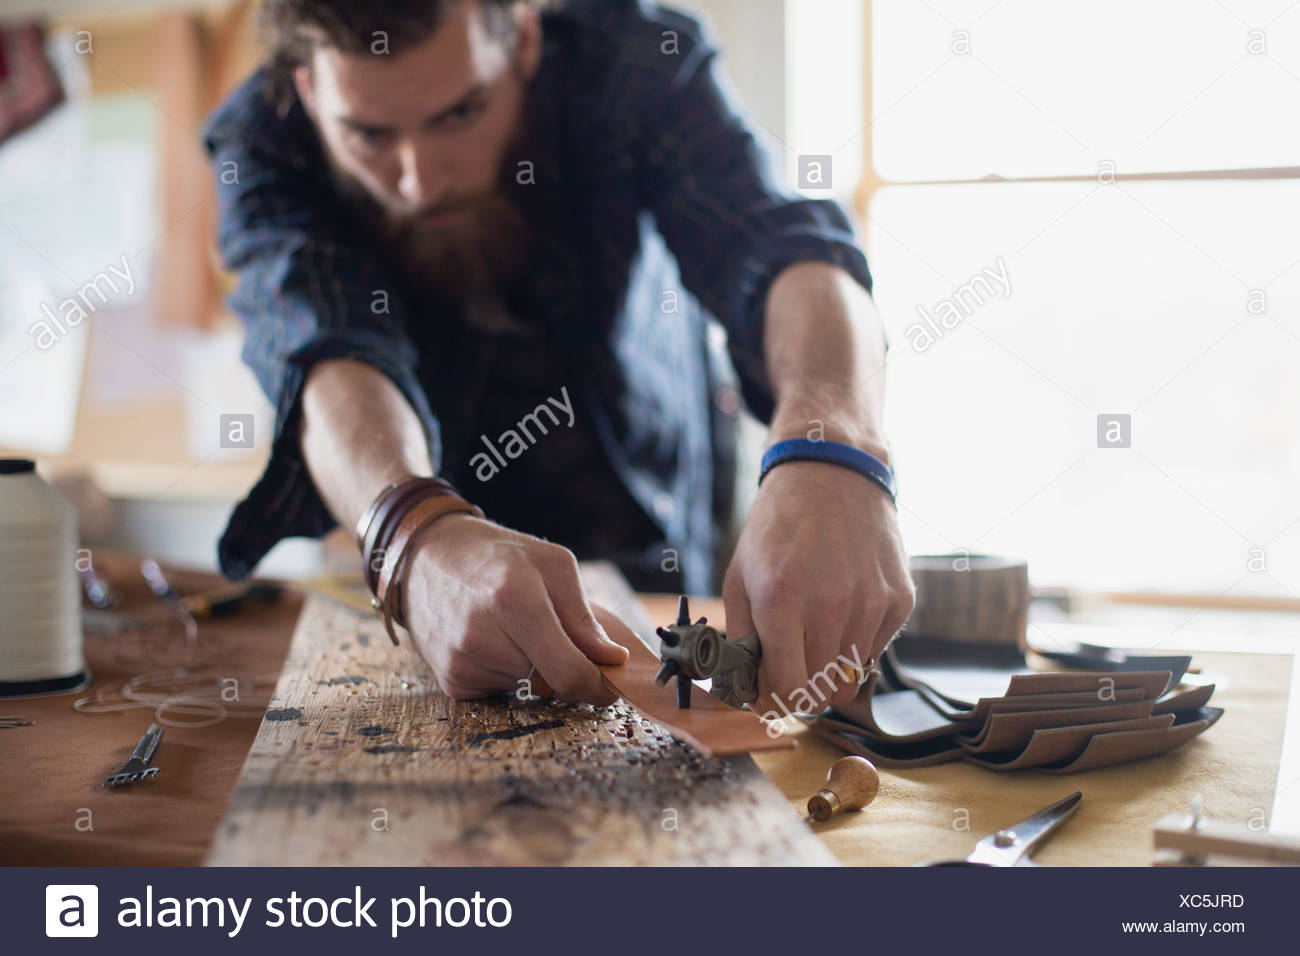 Homme perçant des trous dans la ceinture en cuir à table Photo Stock